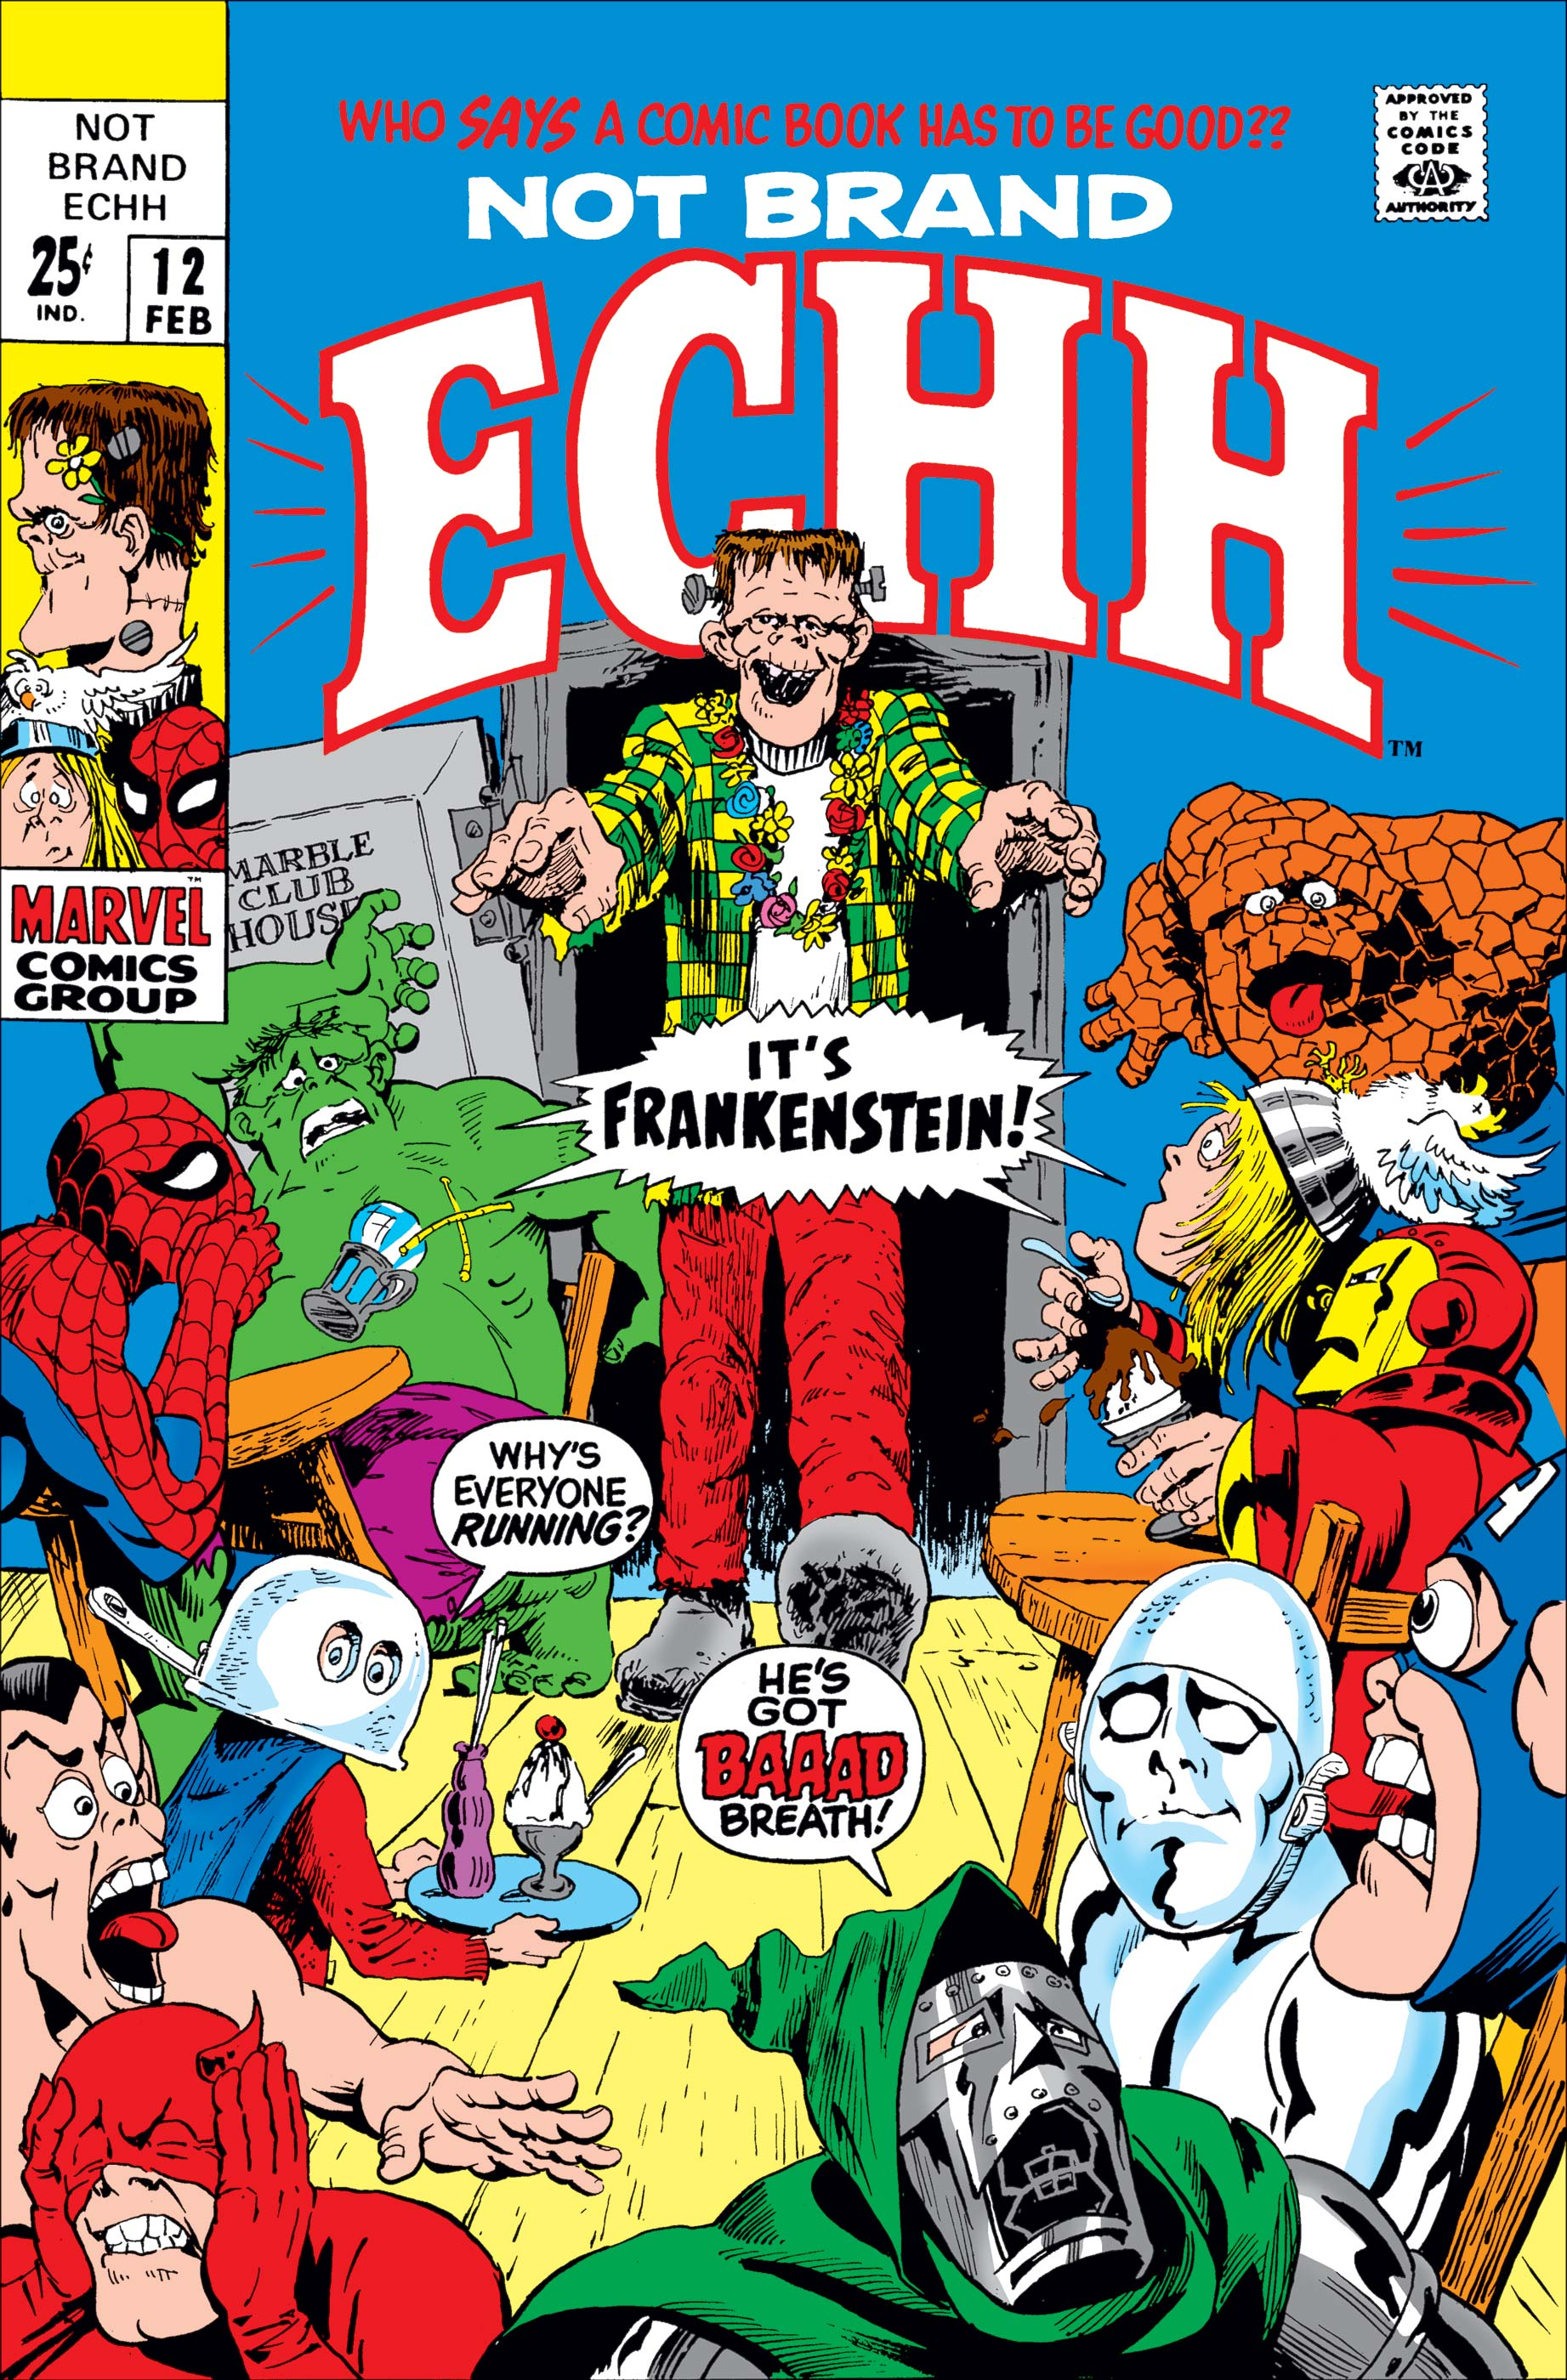 Not Brand Echh (1967) #12